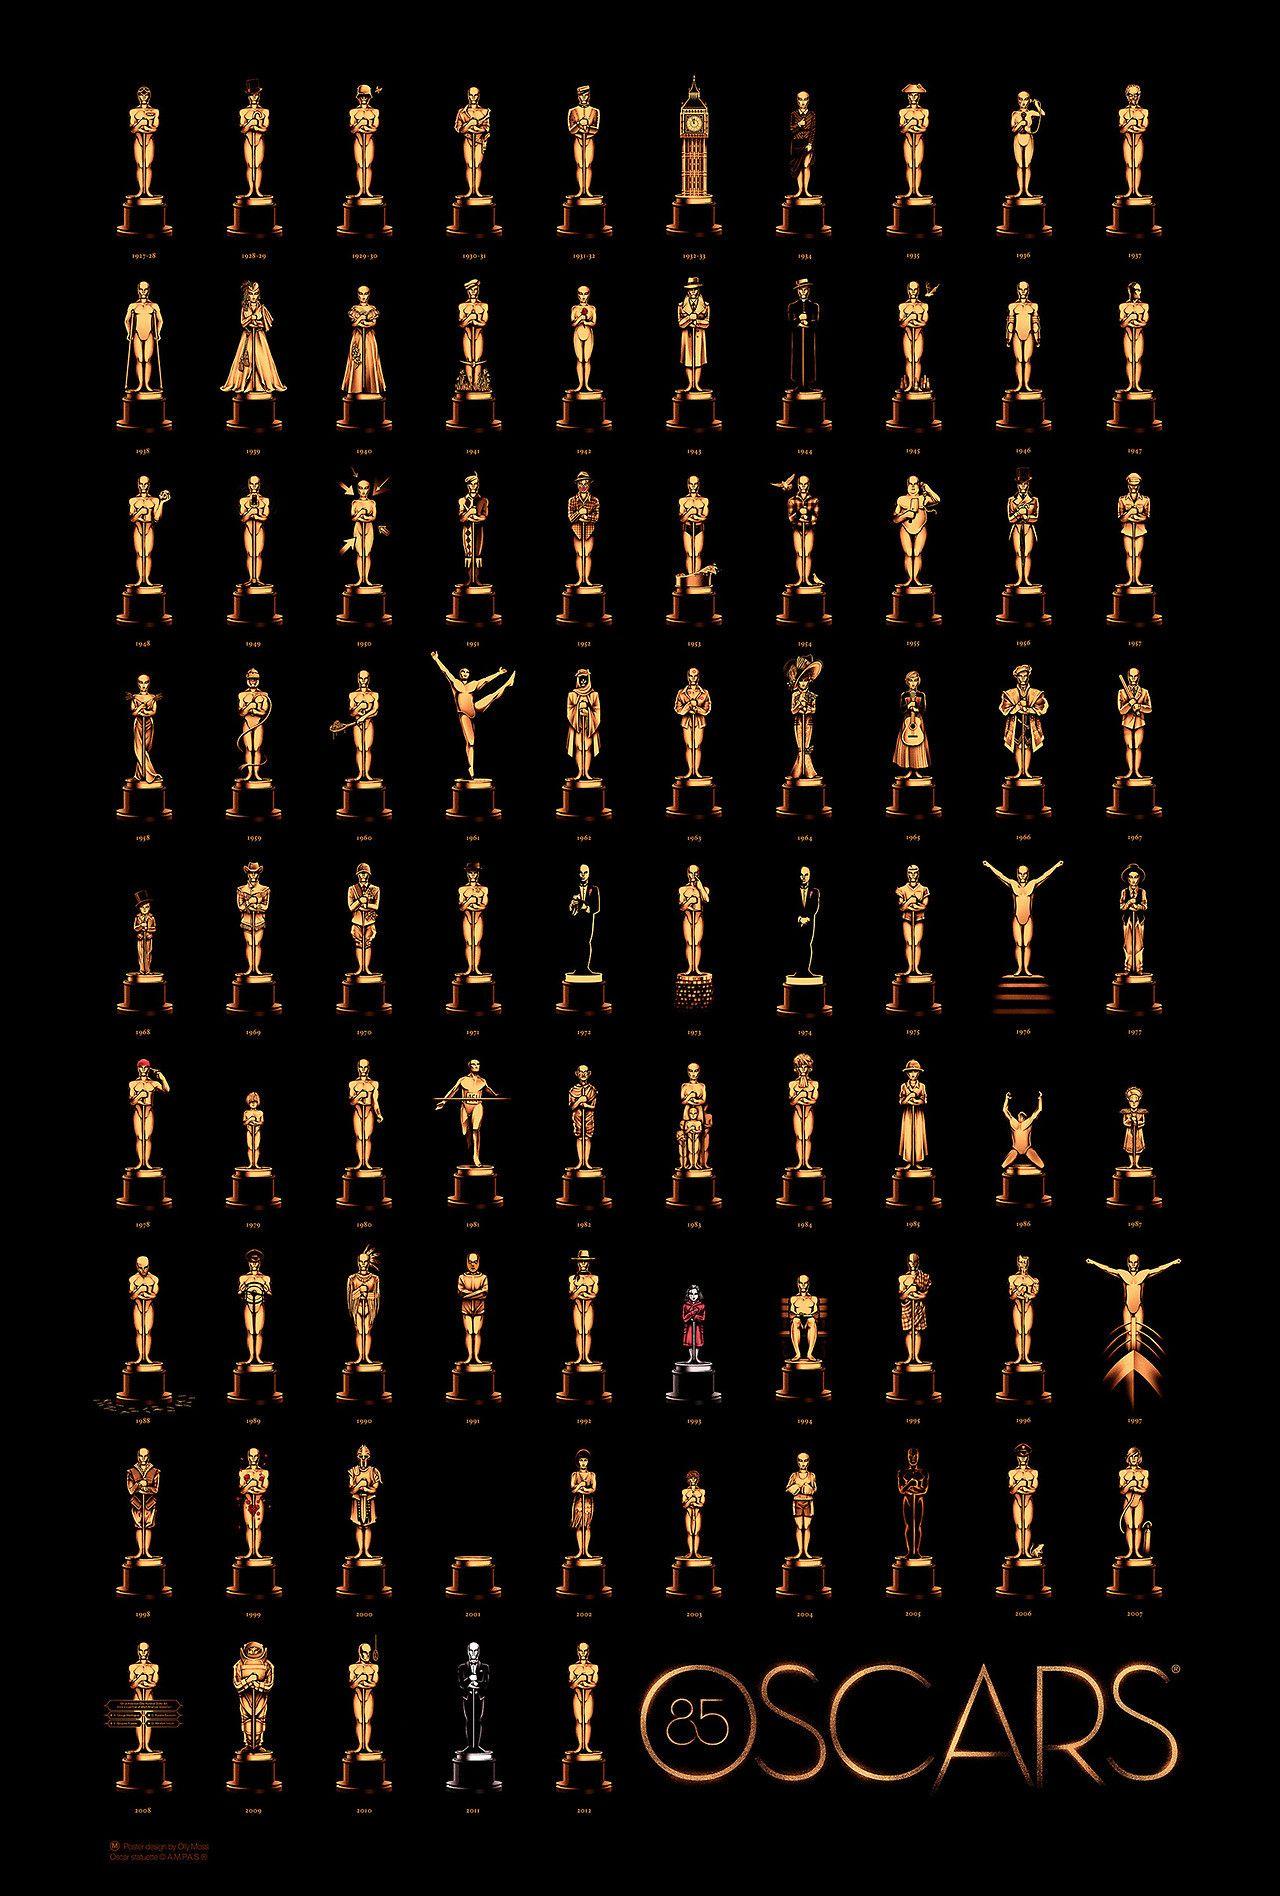 El artista e ilustrador Olly Moss, famoso por su trabajo rediseñando carteles de películas, ha creado este espectacular póster para homenajear a los ganadores de los premios Oscar, que este año celebra su 85º aniversario.